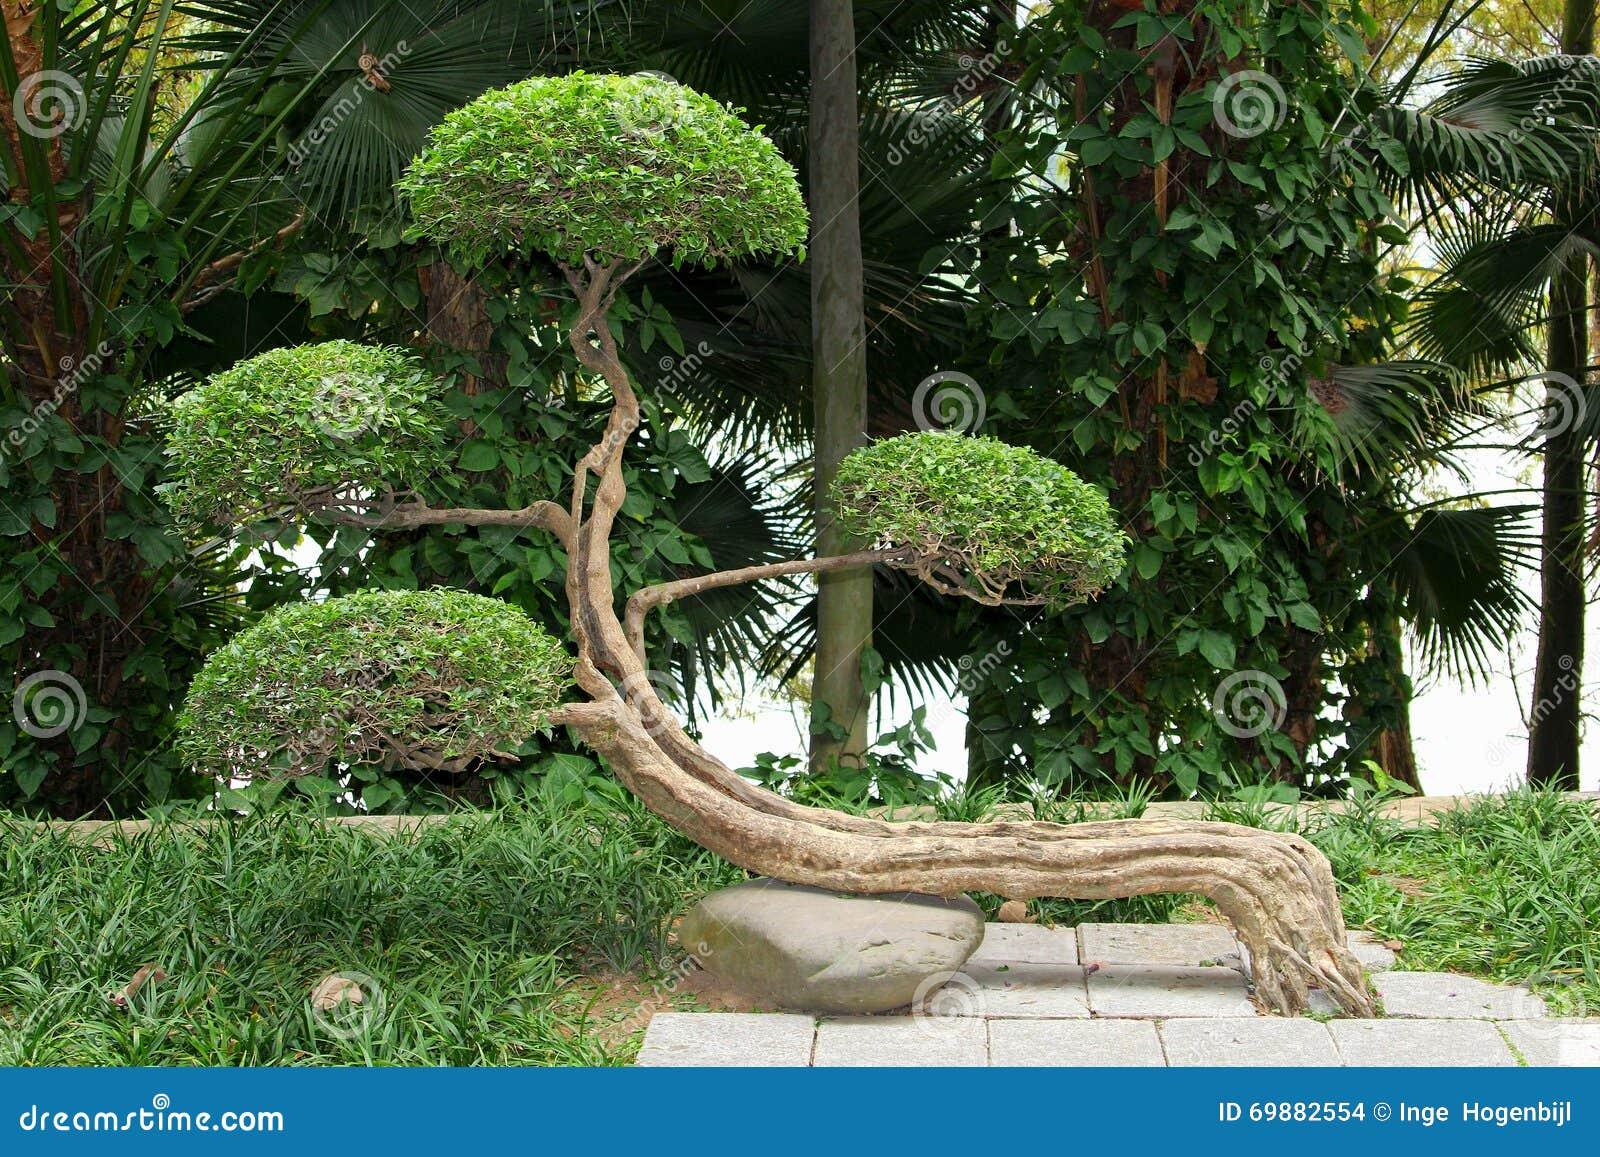 Zen chinese botanical gardens china stock photo image for Chinese landscape design